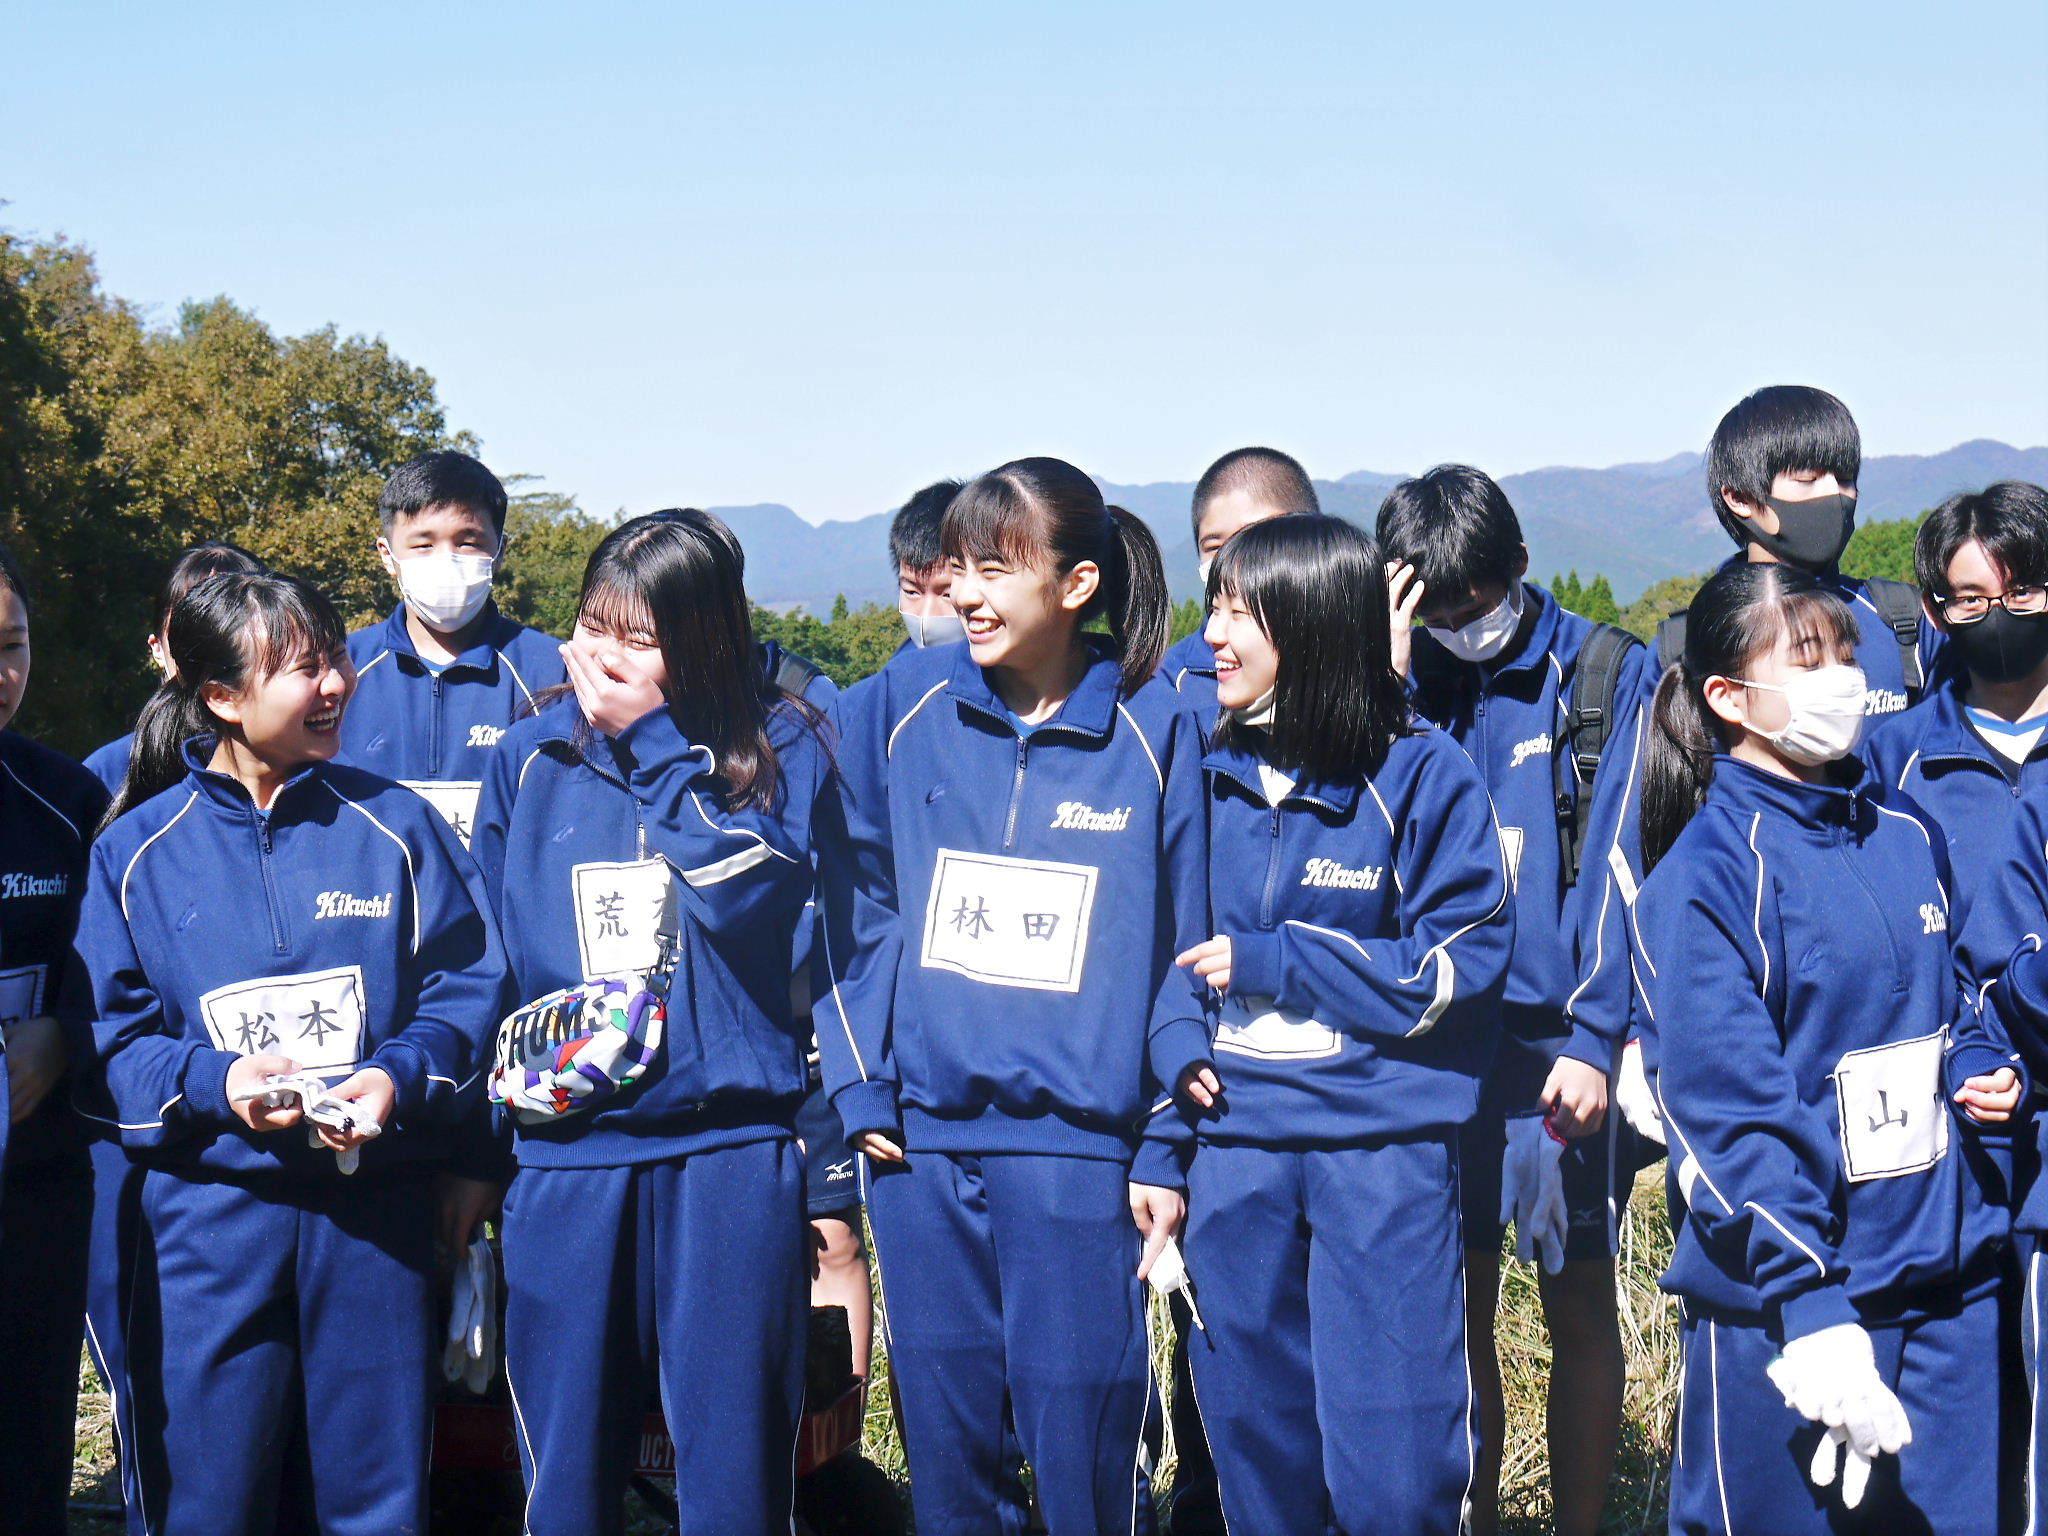 熊本県立菊池高等学校の生徒さんたちが研修にやってきました!(2020/前編)_a0254656_19324562.jpg